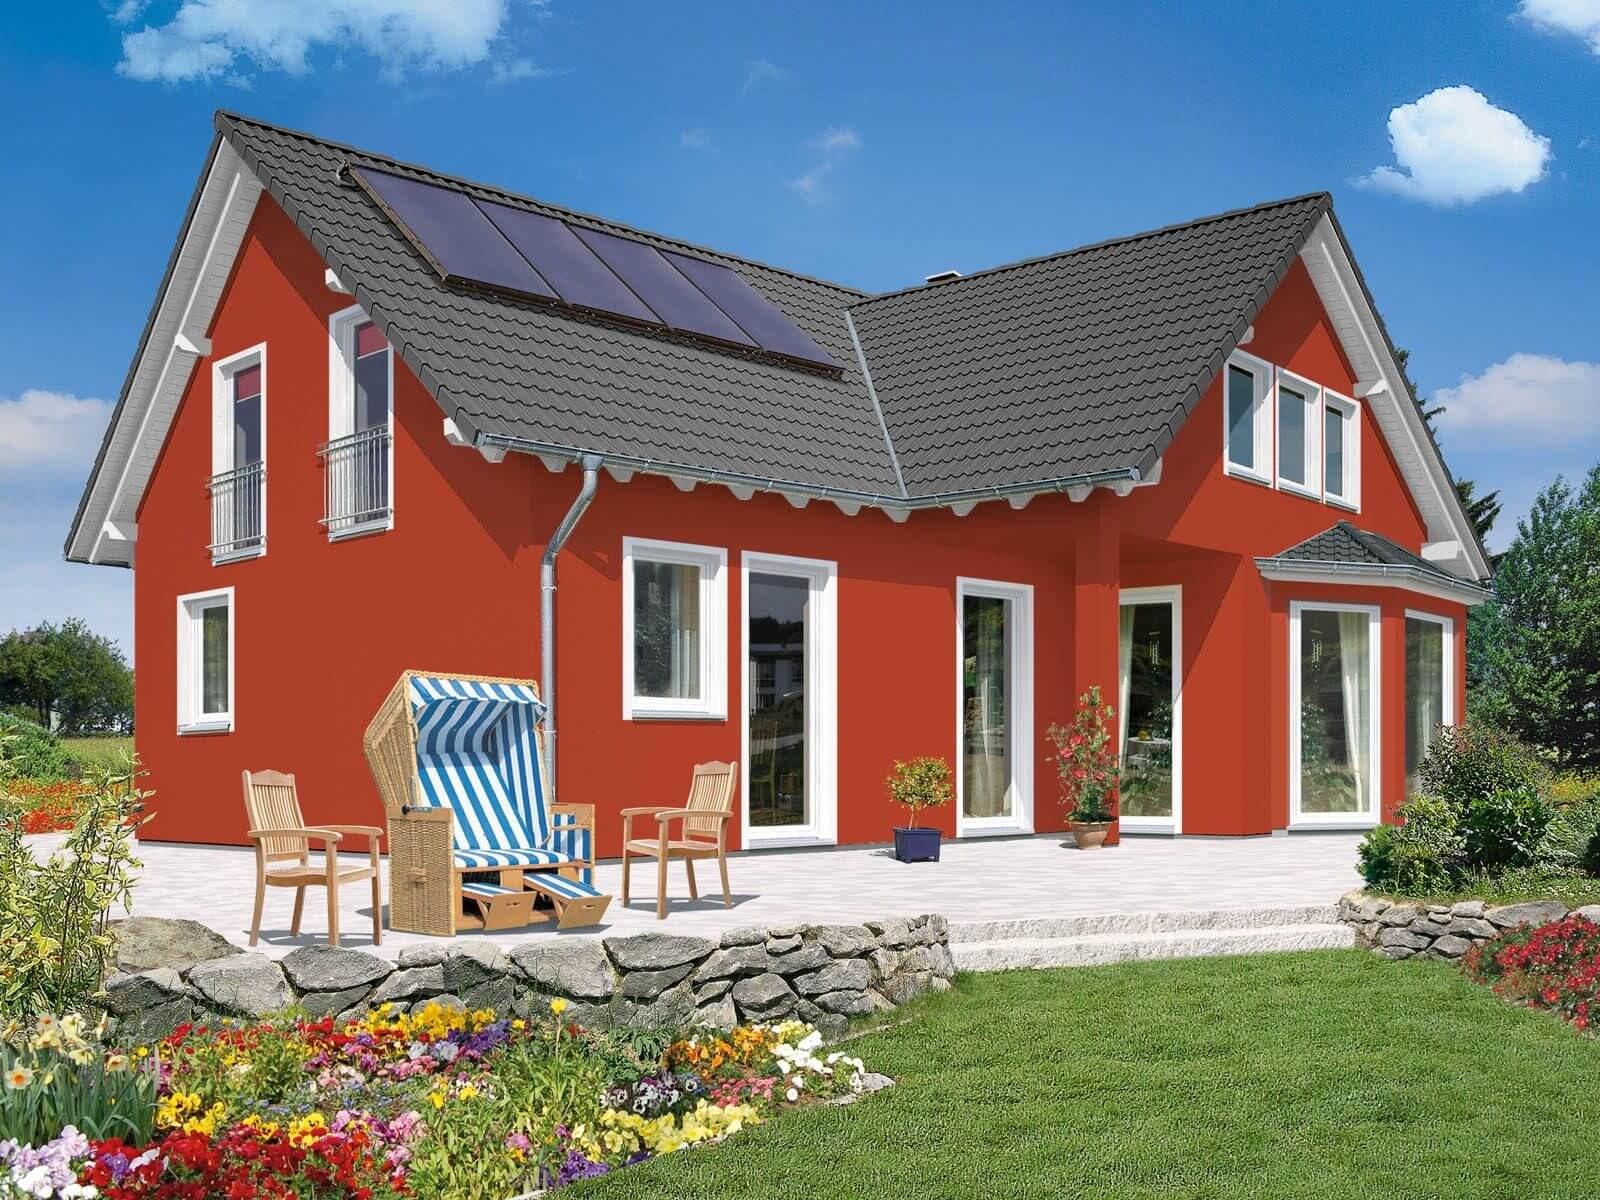 Покраска домов фасадов сочетания цвета